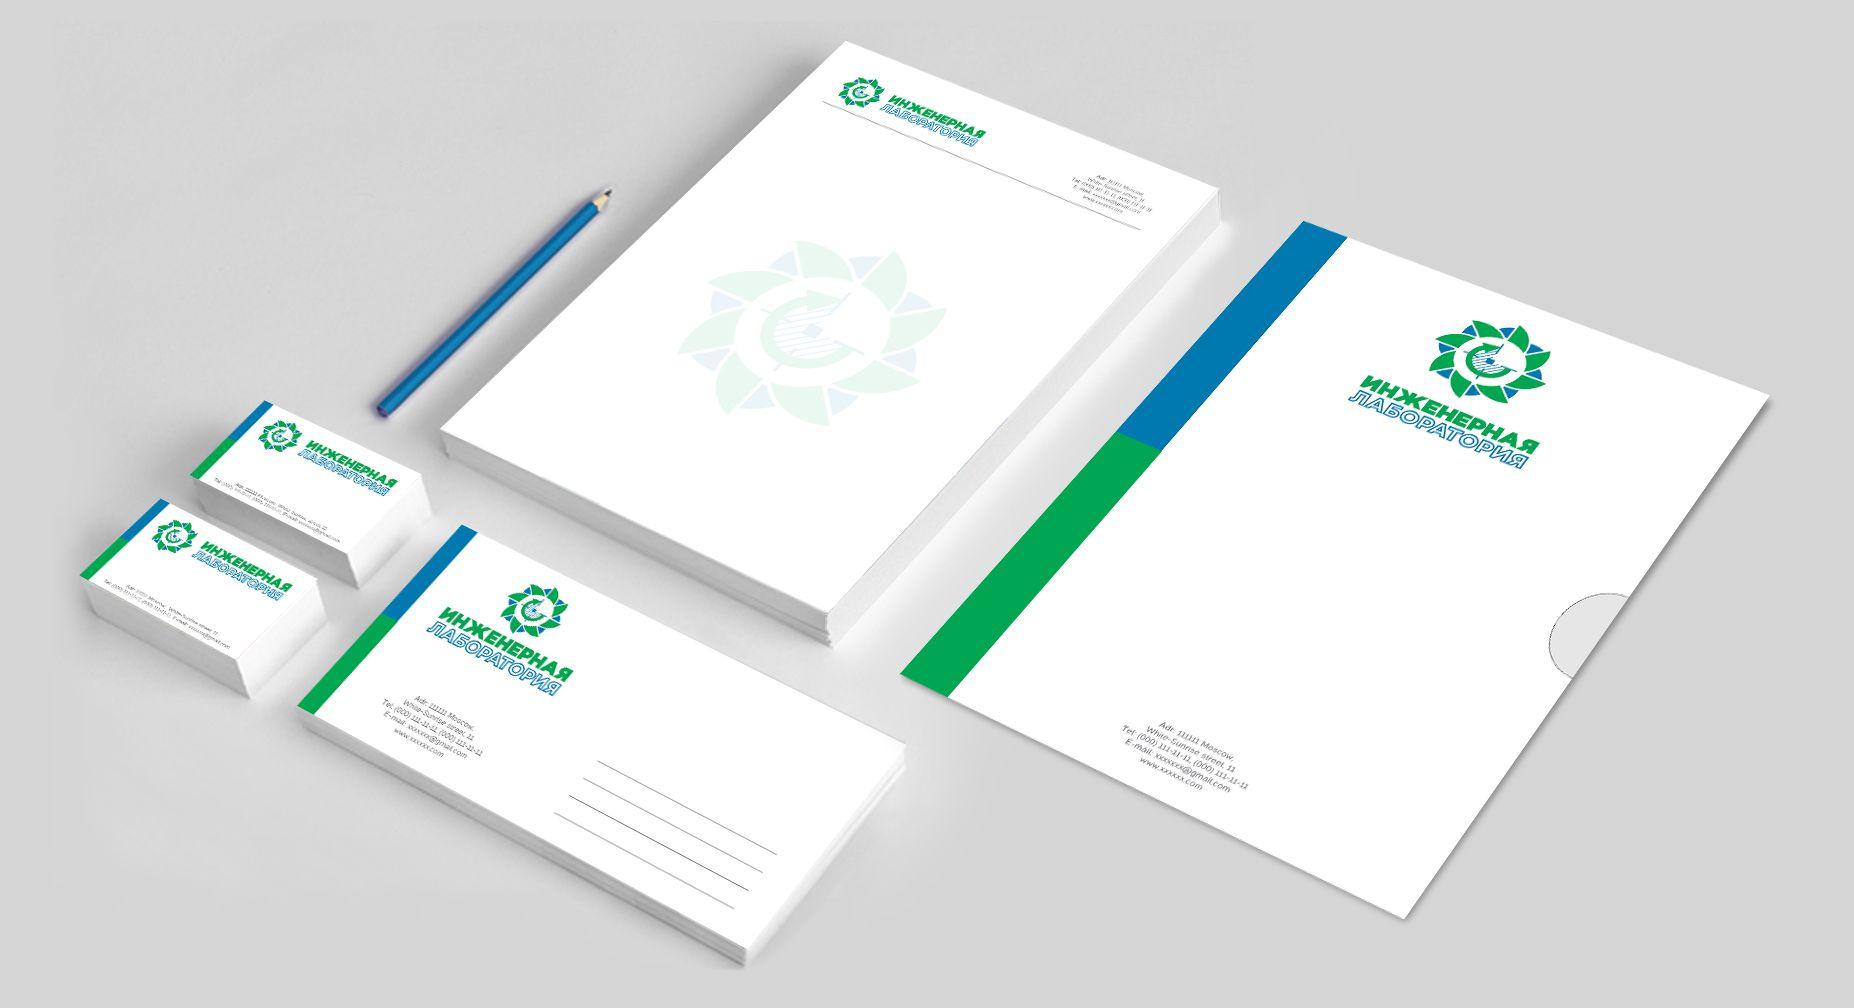 Лого и фирменный стиль для Инженерная лаборатория  - дизайнер magnum_opus